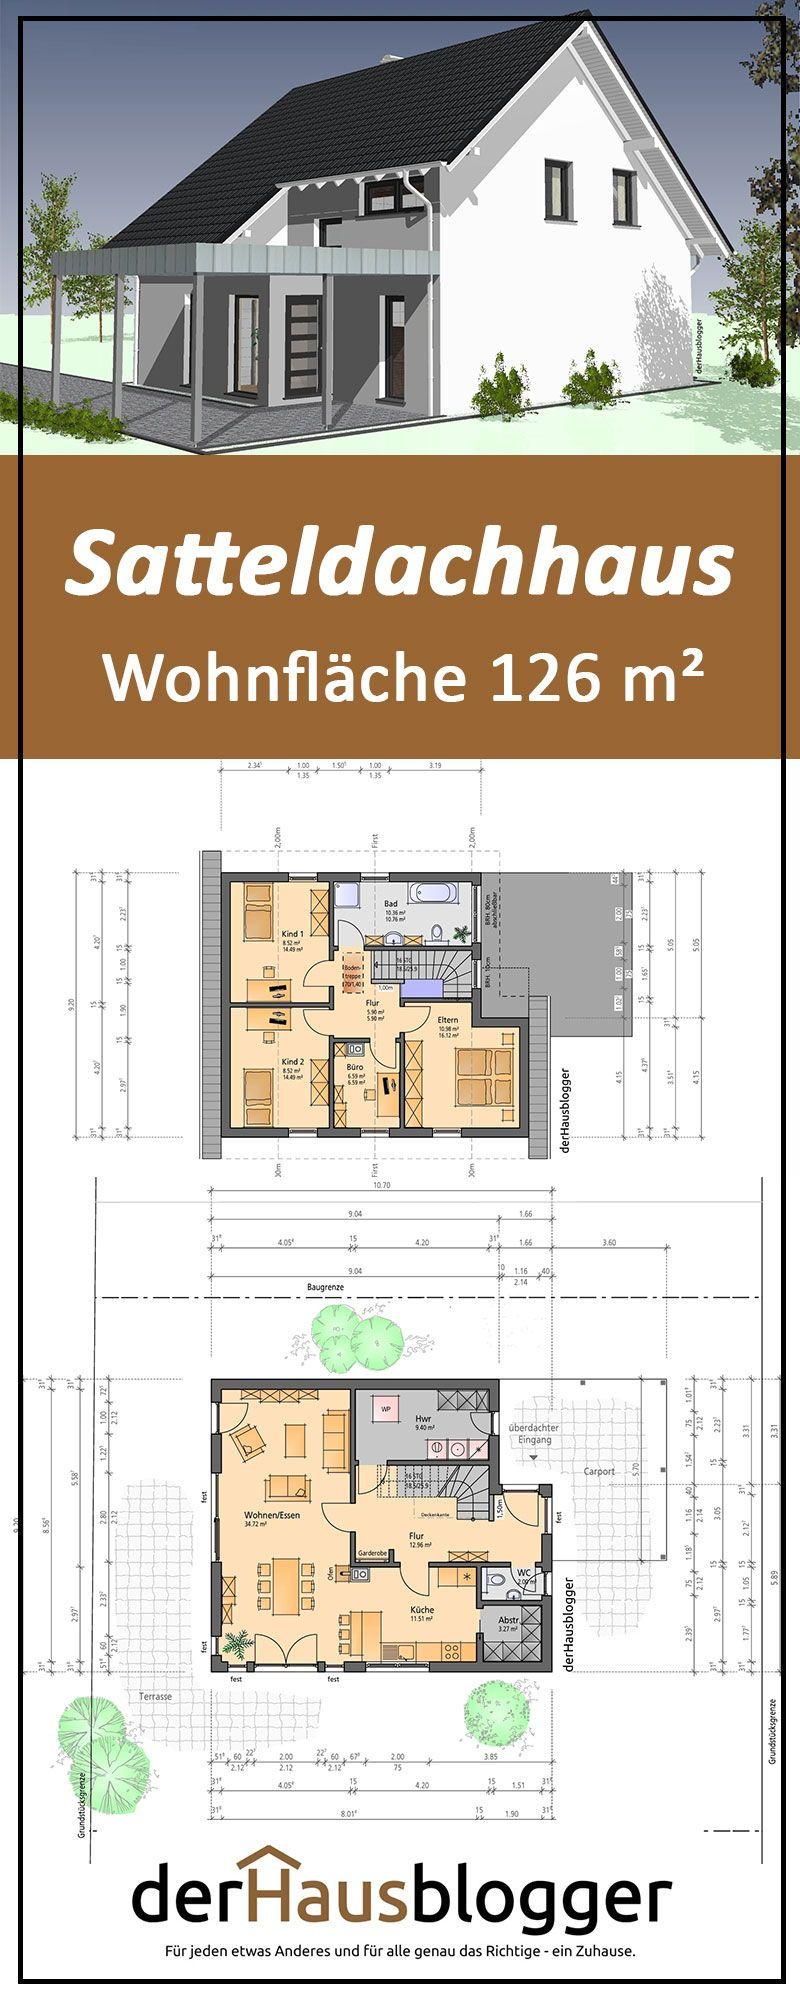 Dieses Ca 126 M² Große Einfamilienhaus Habe Ich Zusammen